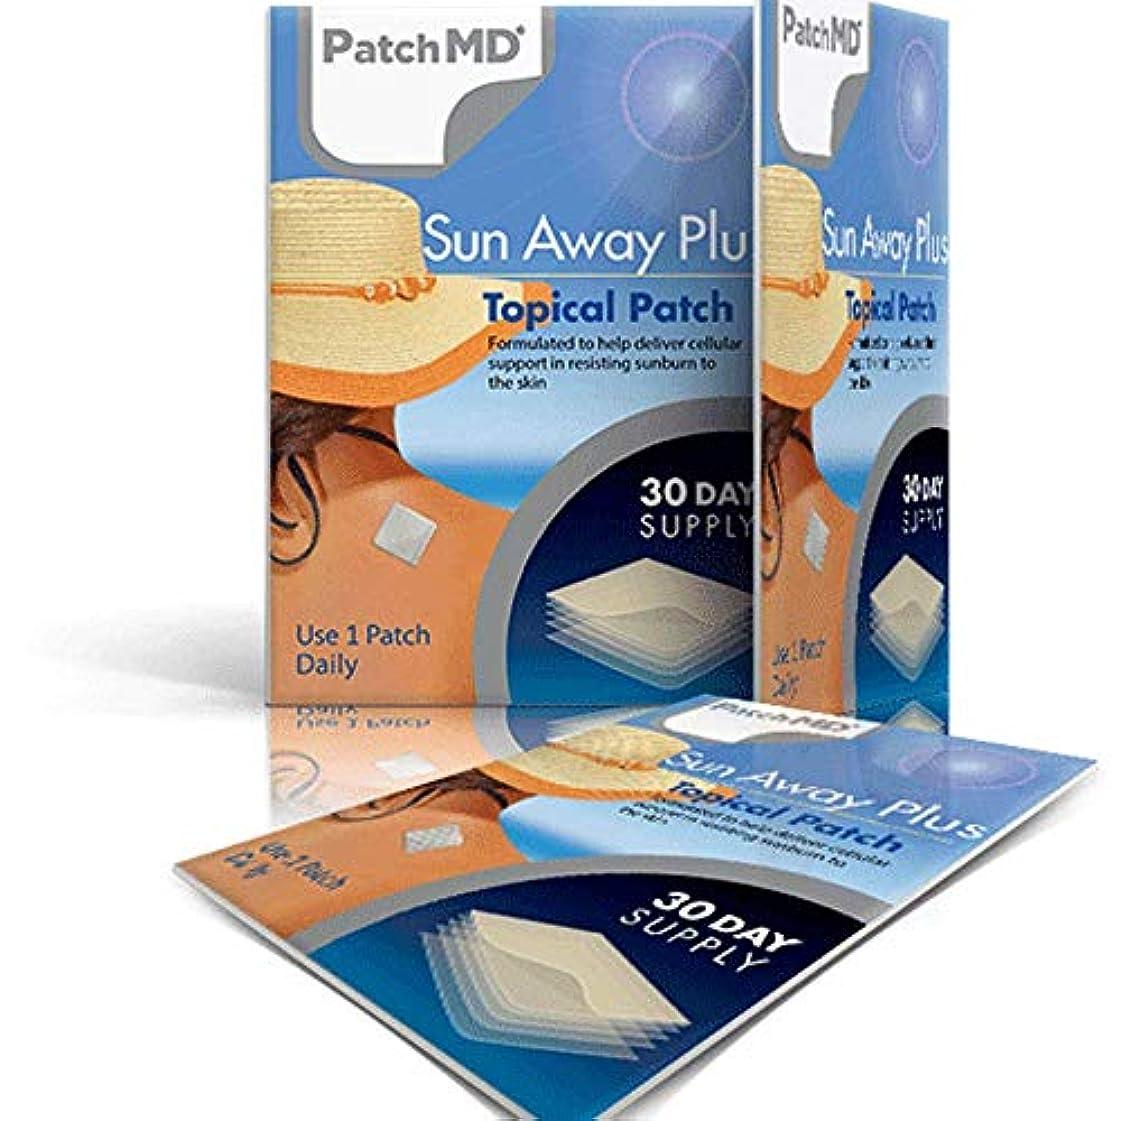 淡い下線バブルパッチMD サンアウェイプラス 30パッチ 1袋 Sun Away Plus Topical Patch